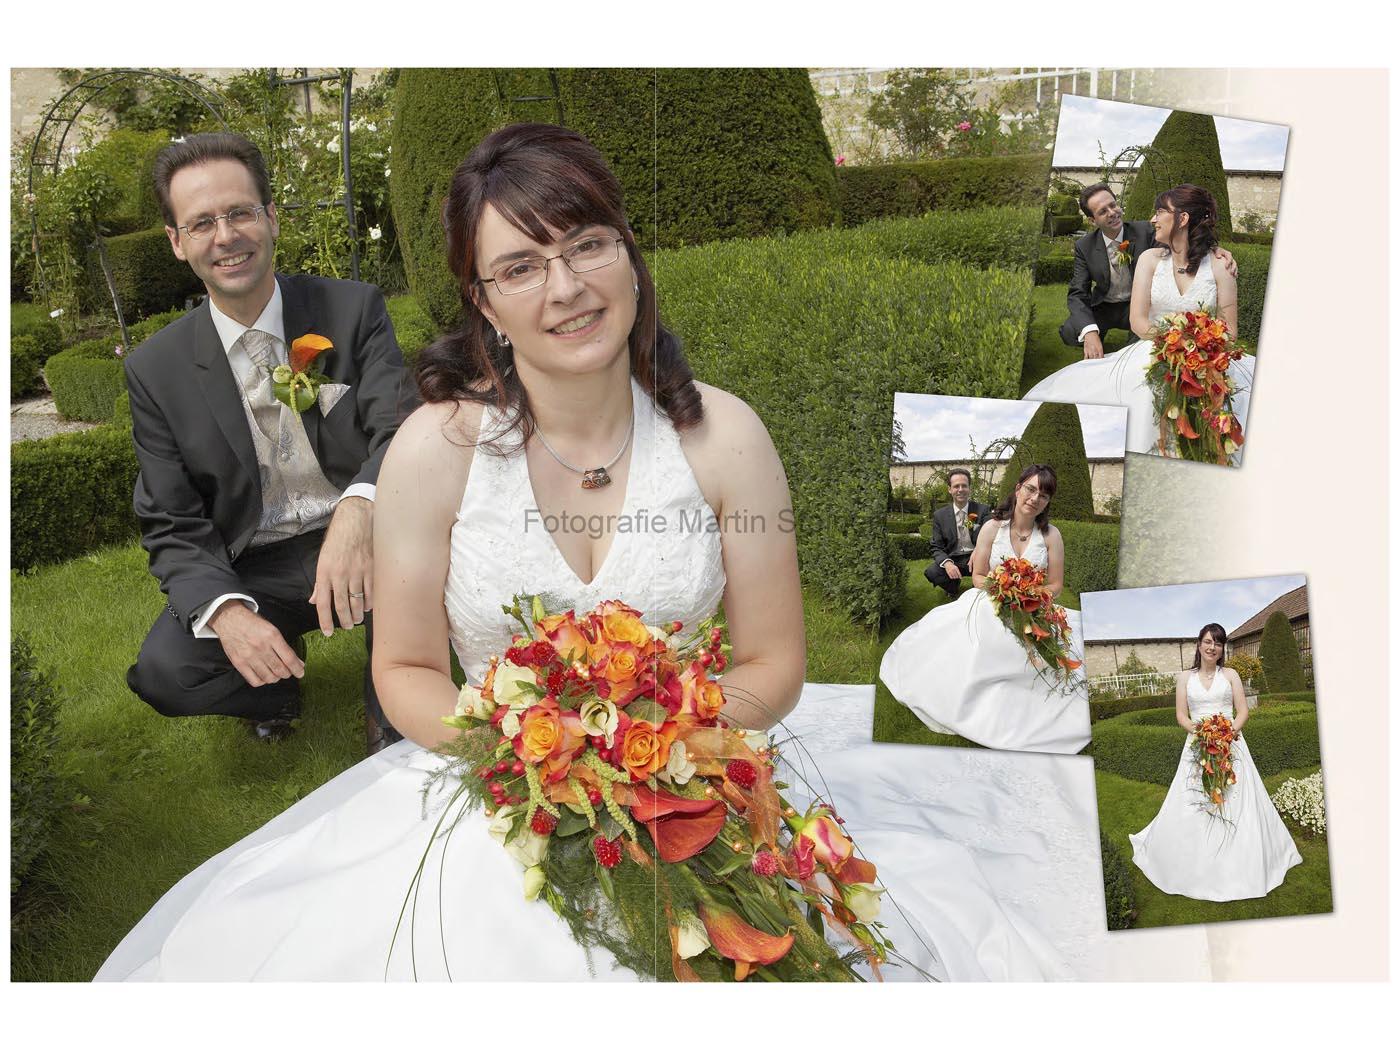 Seiten aus wedding_aargau2011-5